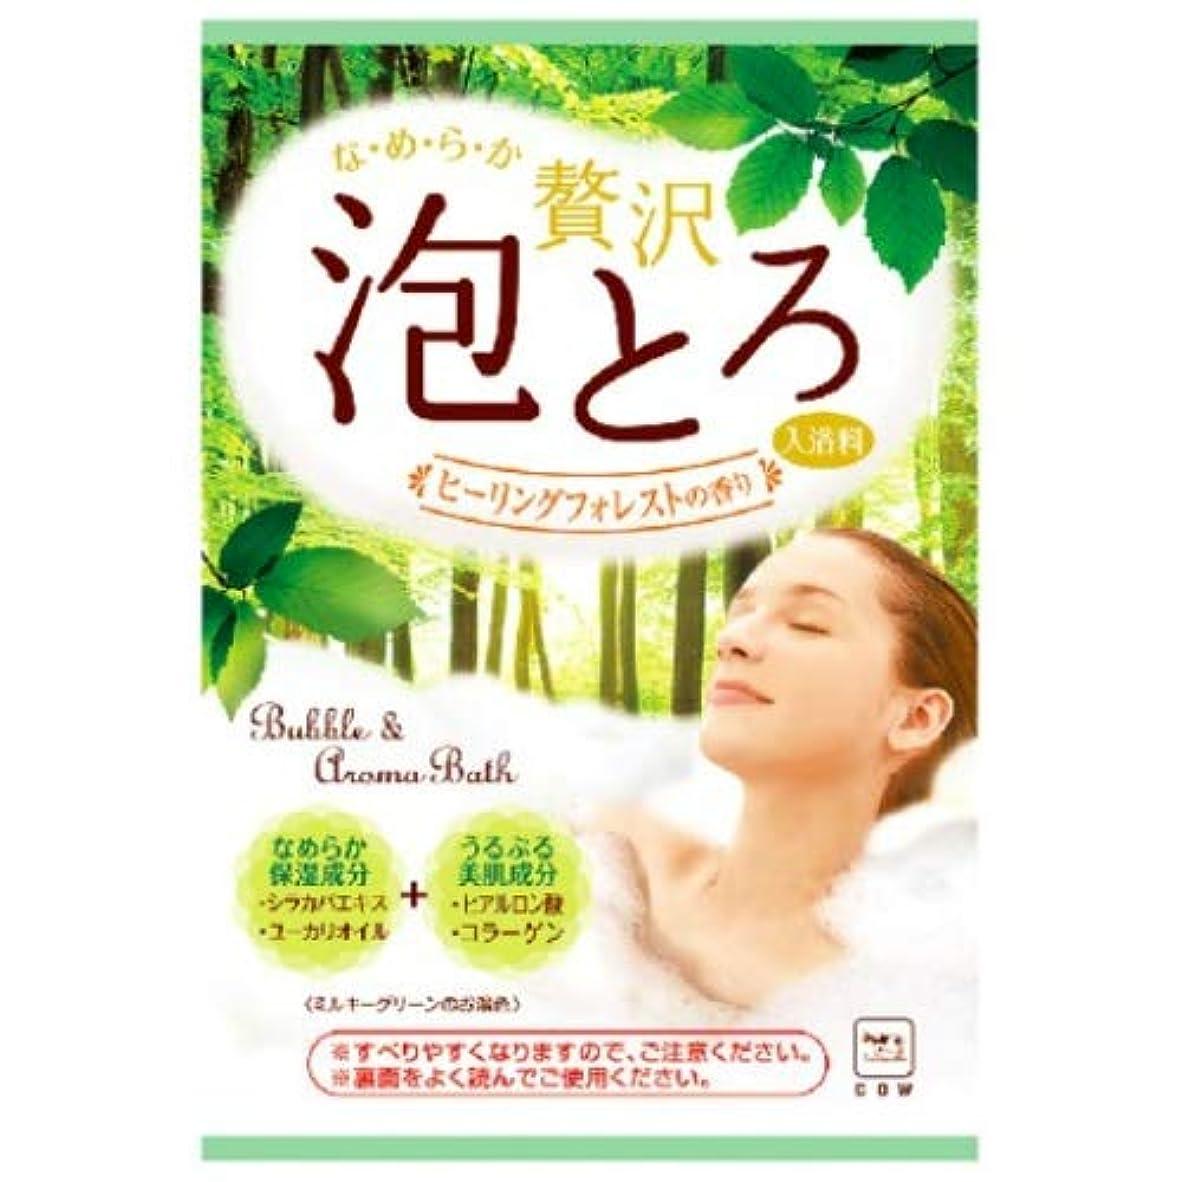 持続的信頼性のあるパッケージお湯物語 贅沢泡とろ入浴料 ヒーリングフォレストの香り 30g